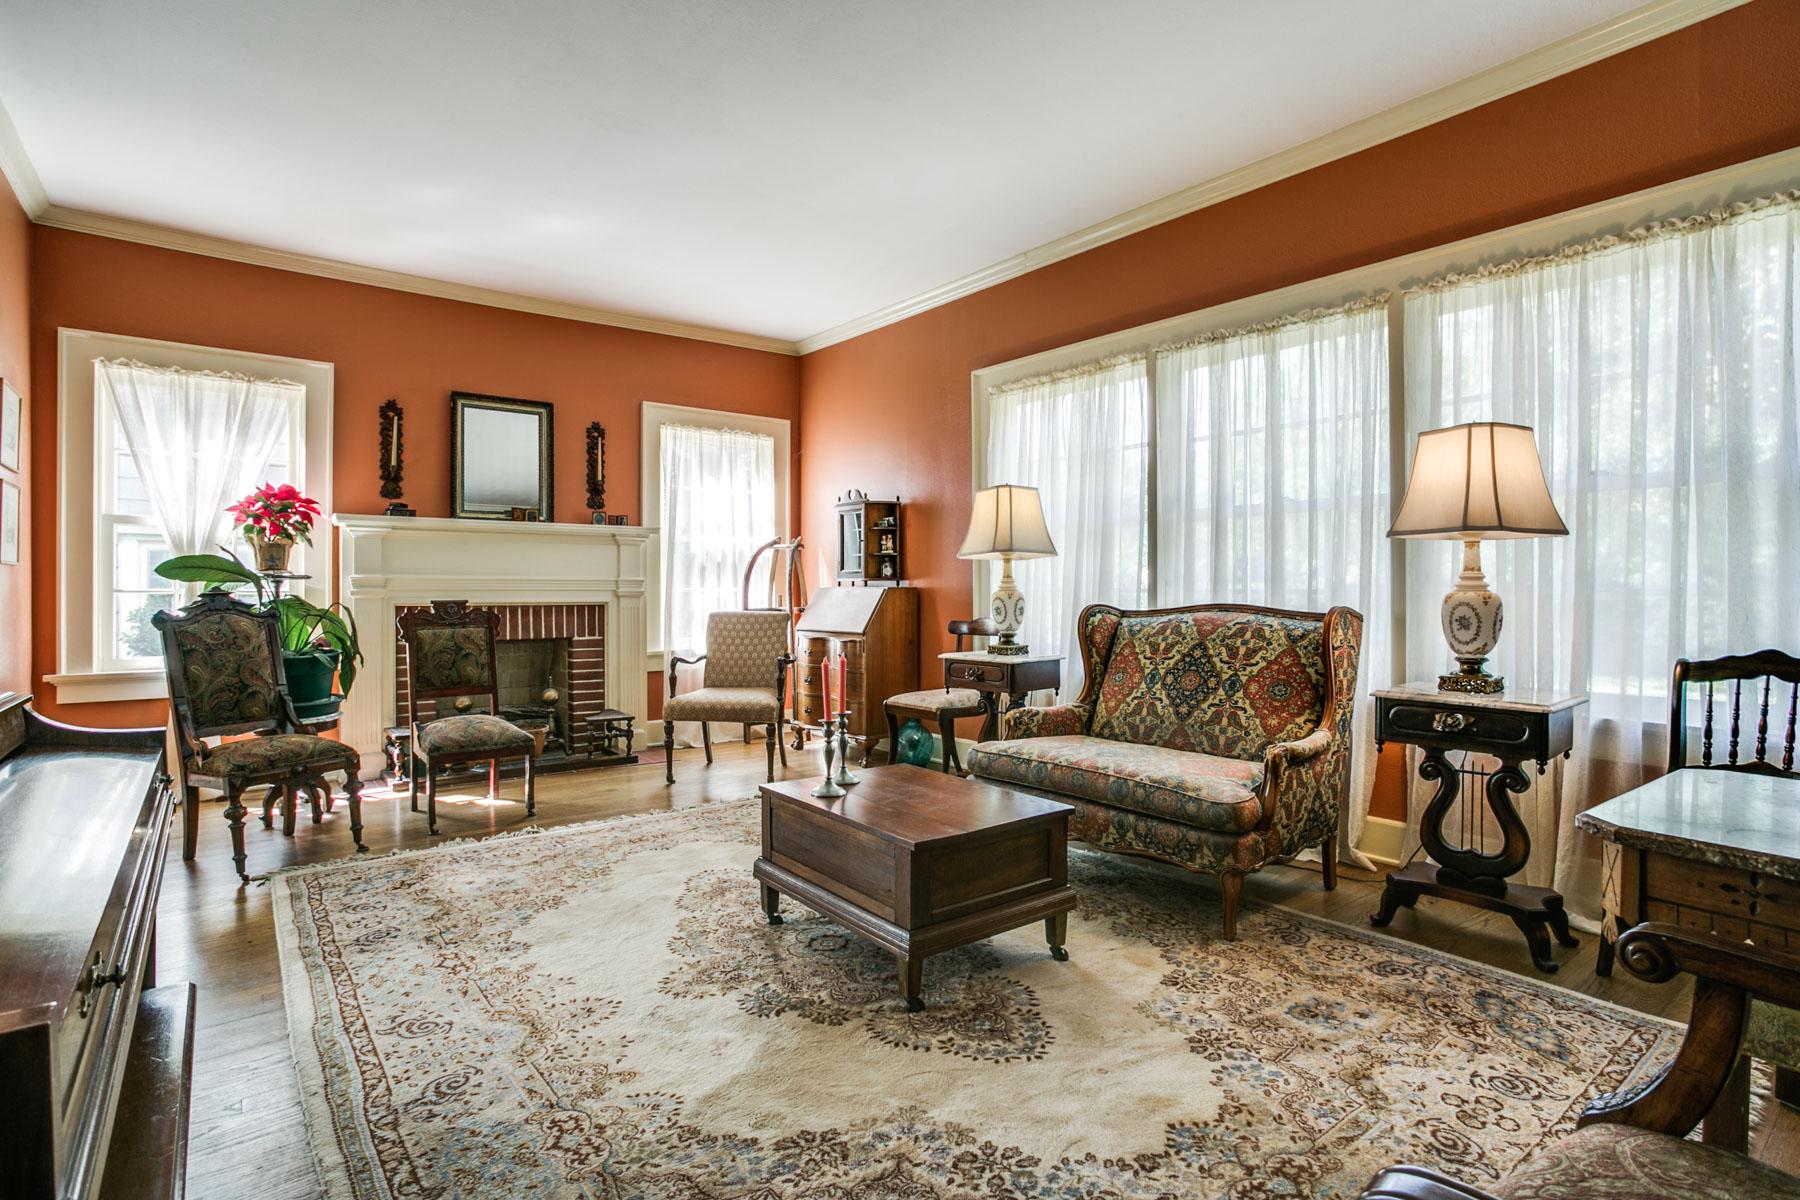 Частный односемейный дом для того Продажа на 3417 Mockingbird Ln, Dallas Dallas, Техас, 75205 Соединенные Штаты